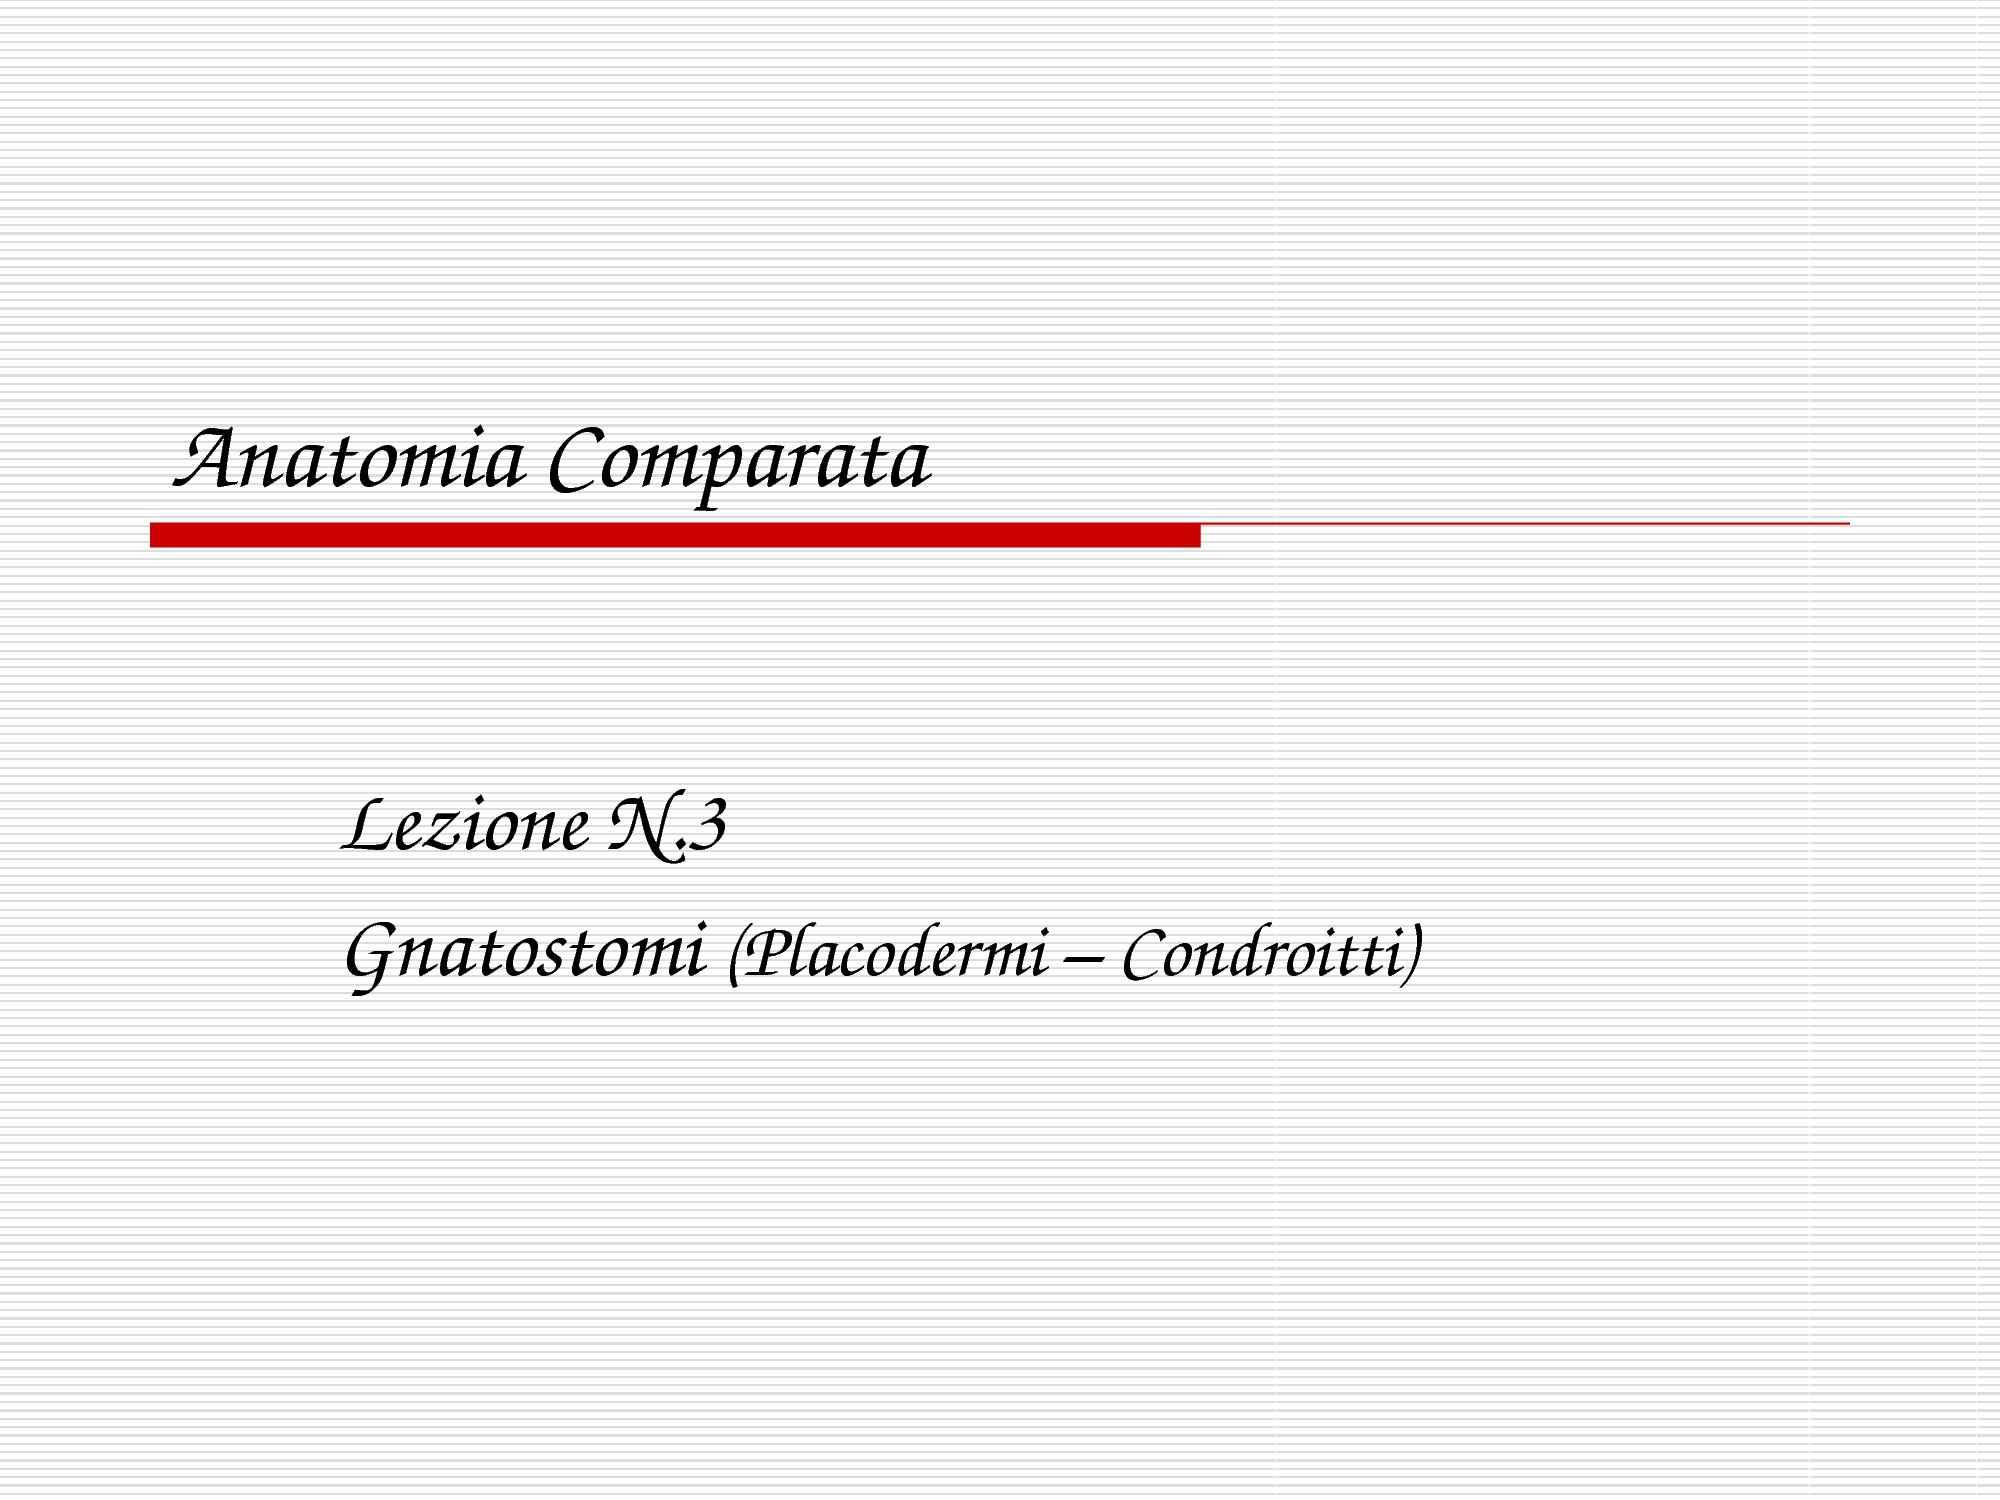 Gnatostomi - Caratteristiche e anatomia